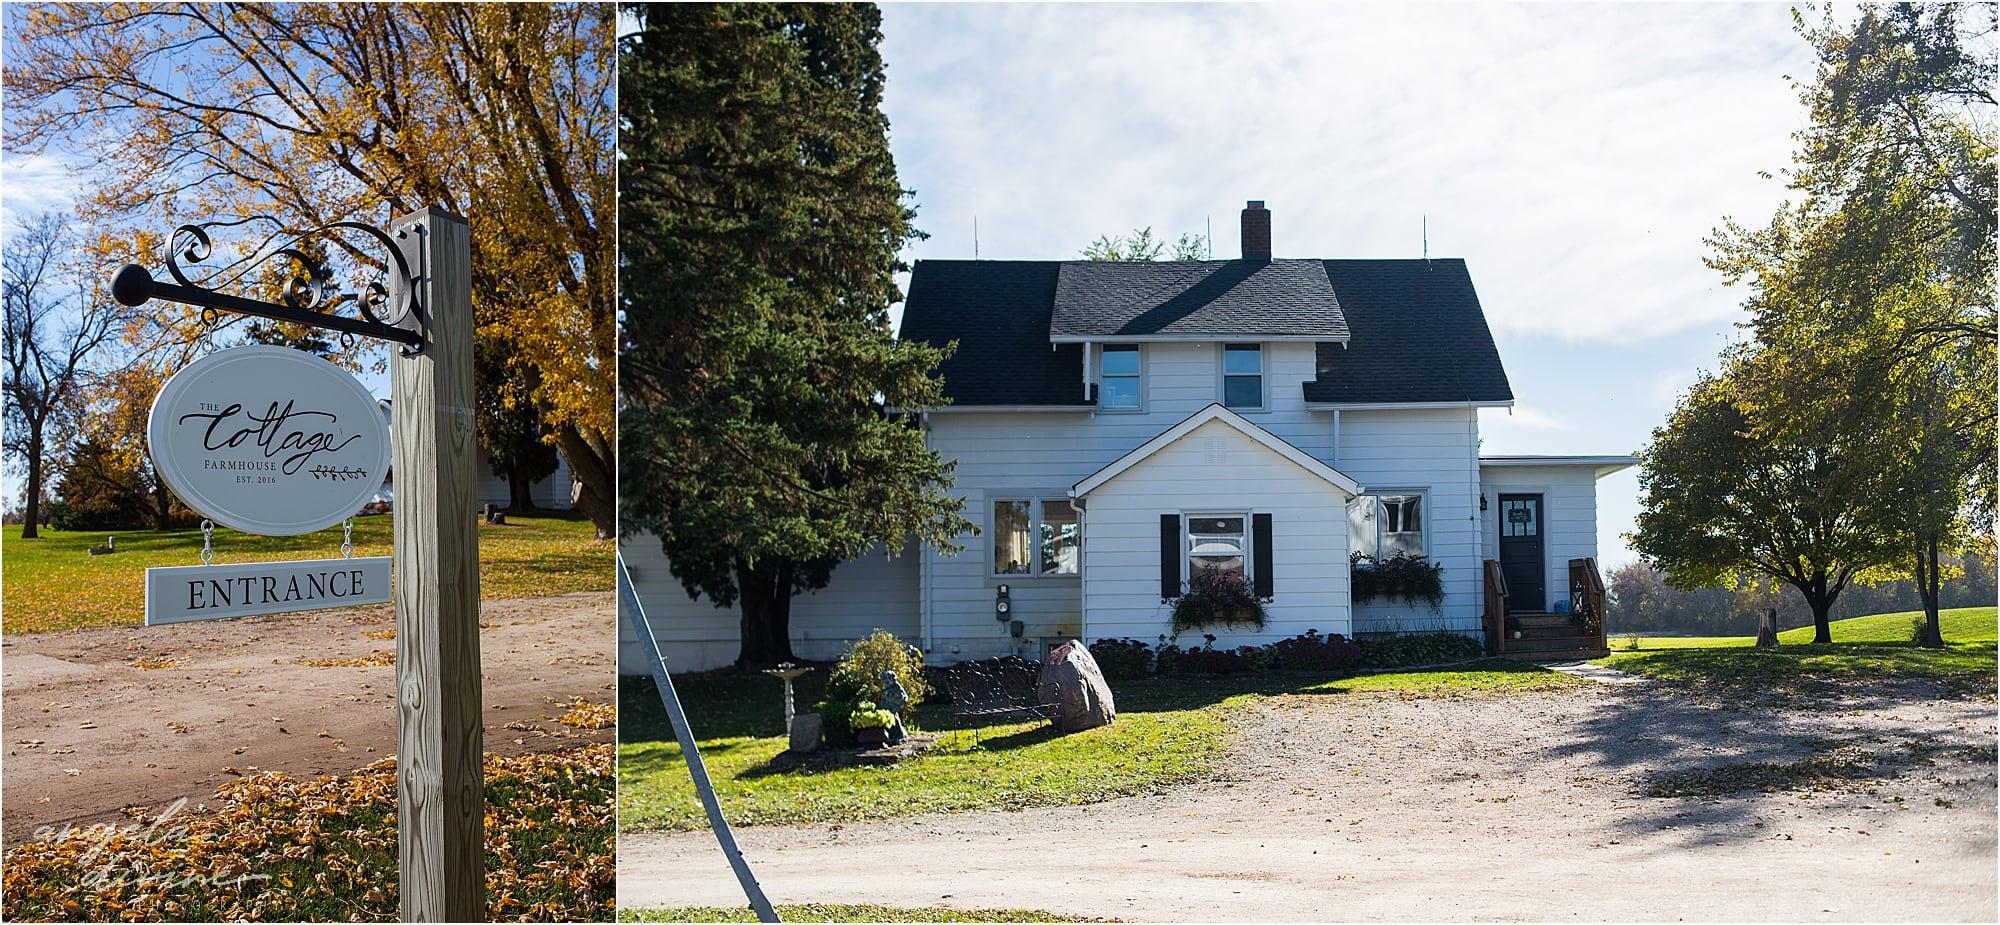 The Cottage Farmhouse Wedding exterior